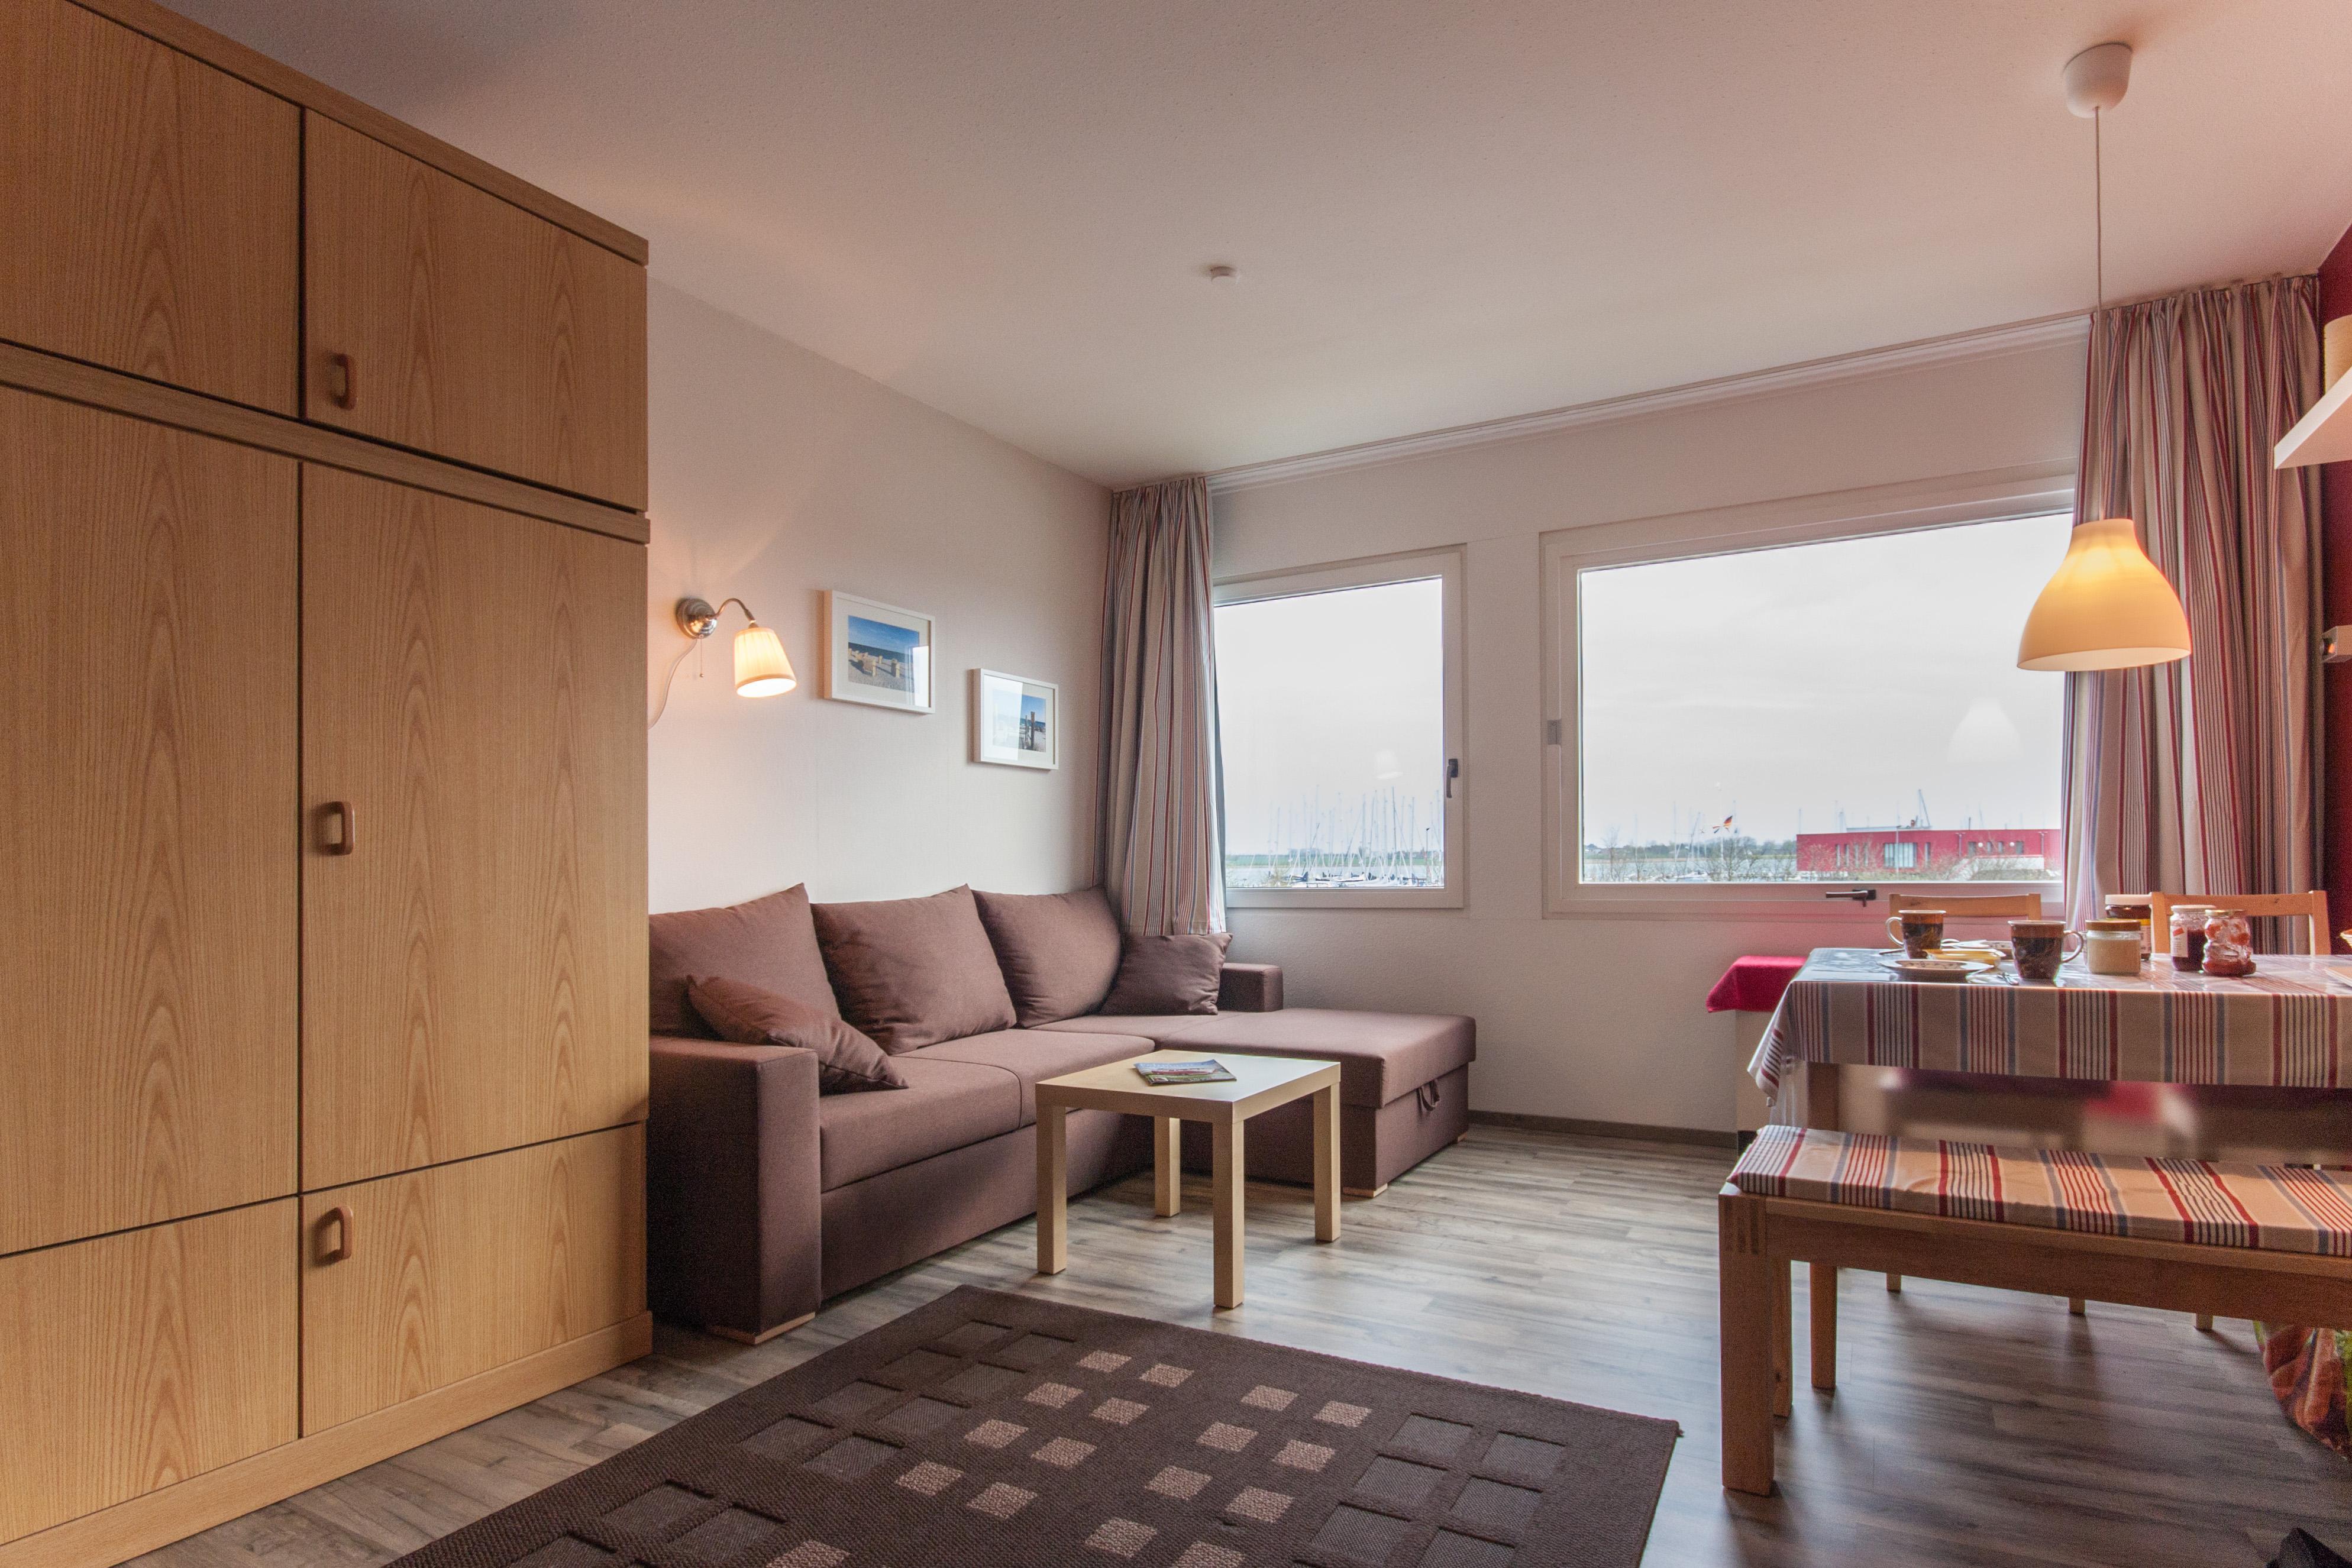 Wohnbereich nachher wohnzimmer esstisch sitzba - Einbauschrank wohnzimmer ...